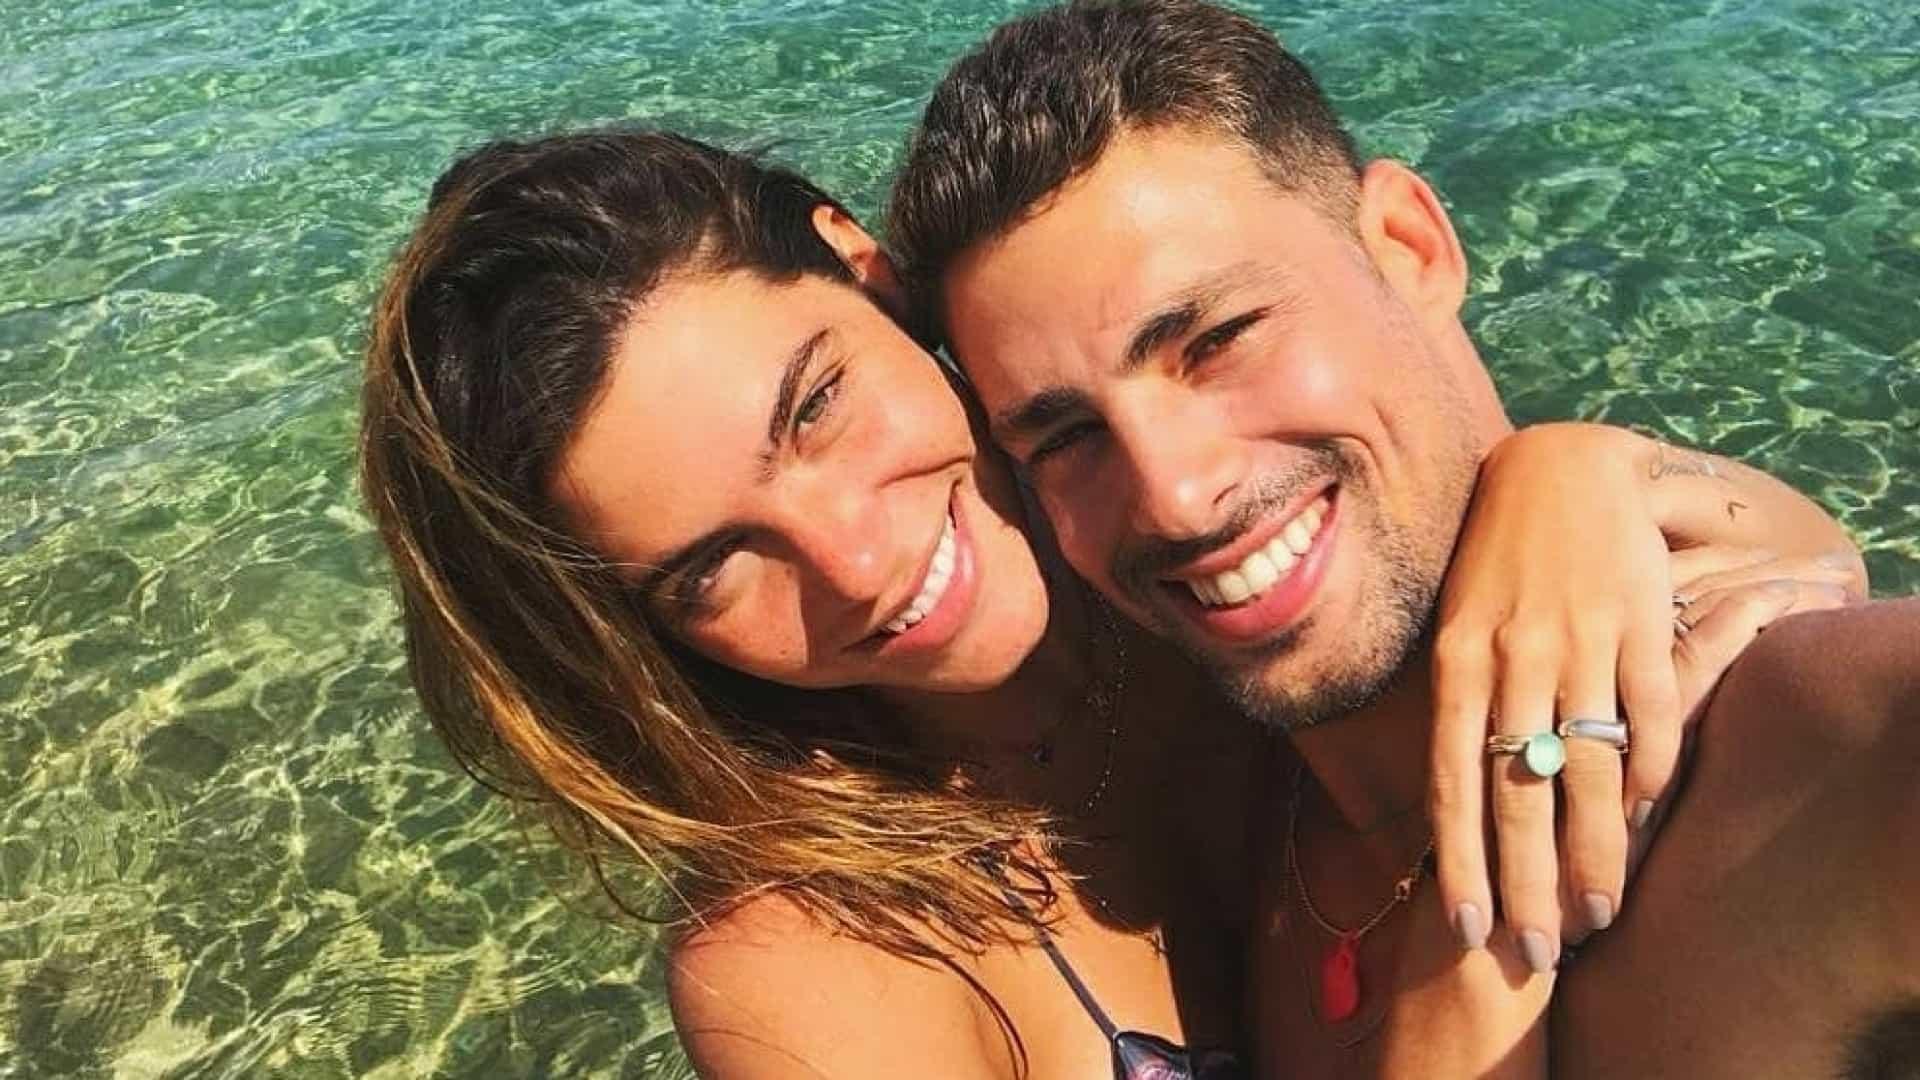 4 Cauã Reymond Já Casou. Veja As Primeiras Fotos Do Casamento